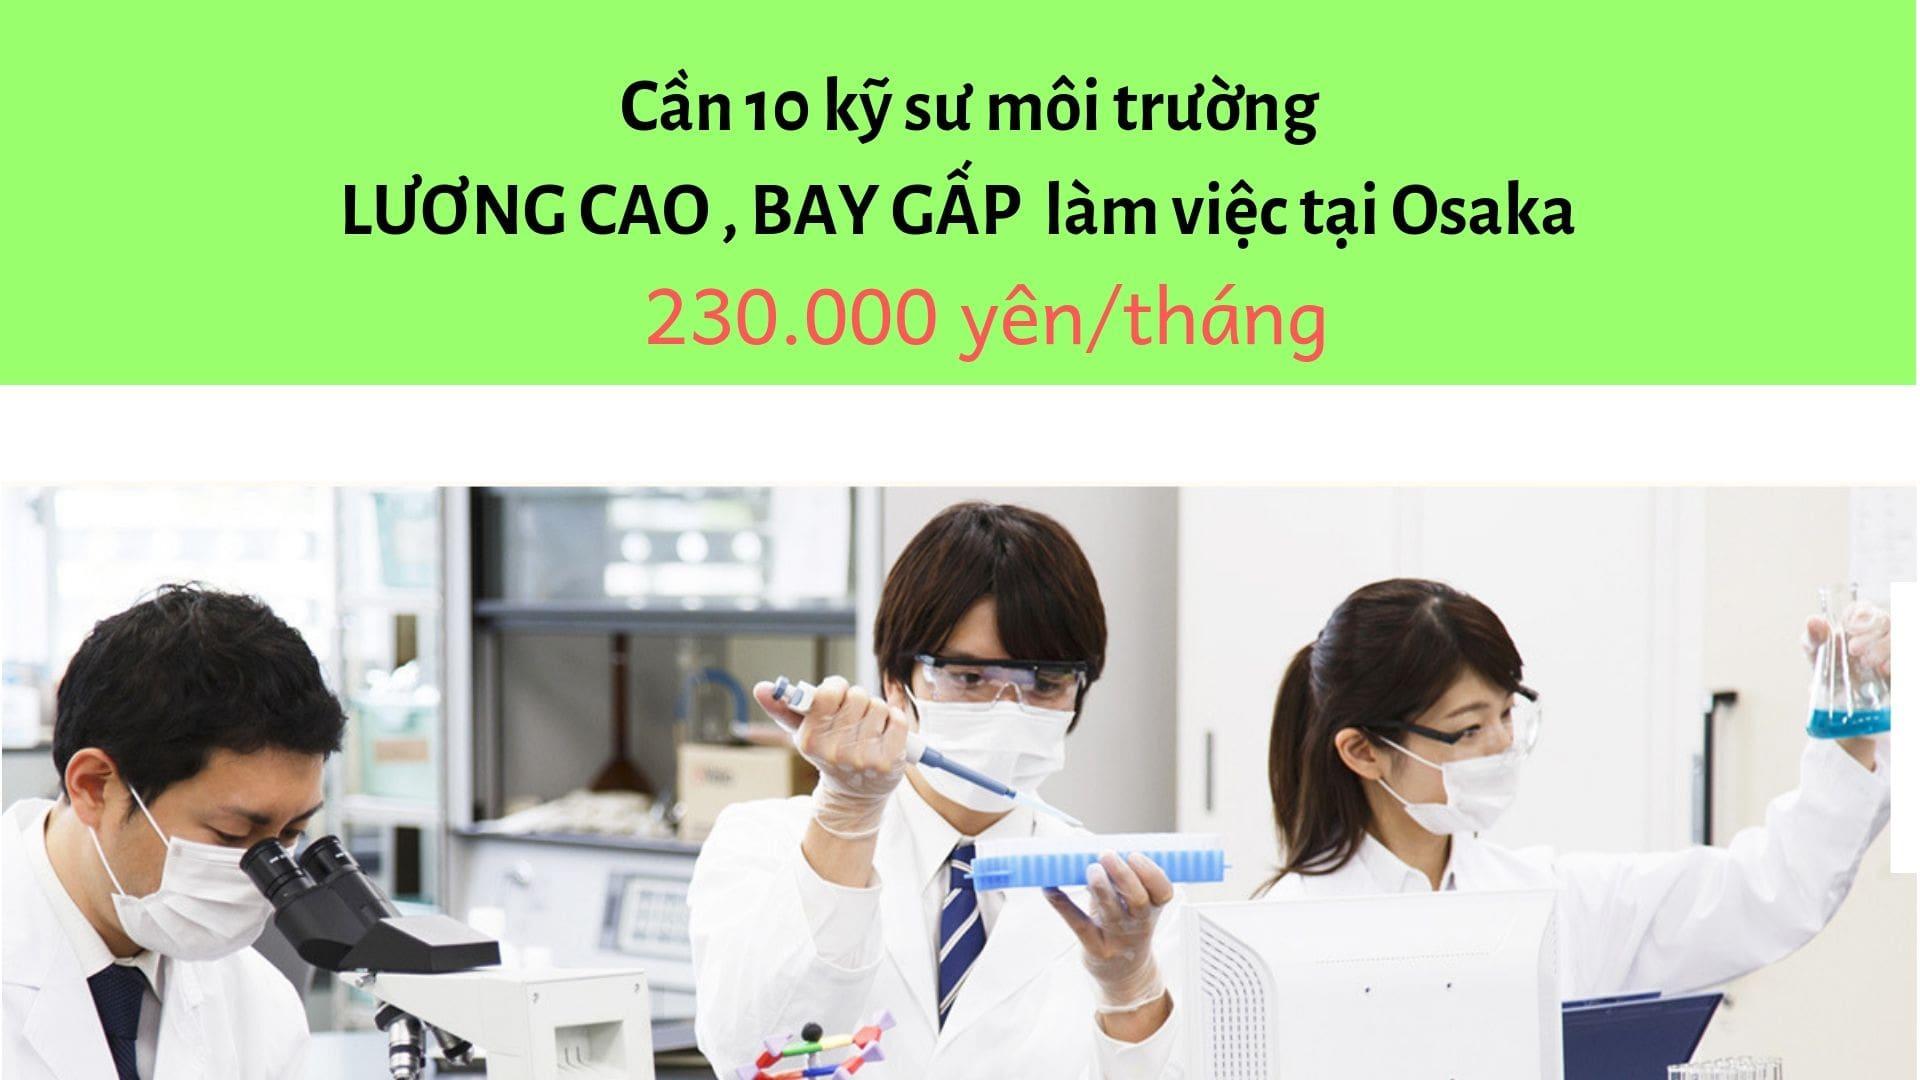 Đơn hiếm: Tuyển 10 kỹ sư môi trường đi Nhật LƯƠNG CAO tại Osaka, Nhật Bản